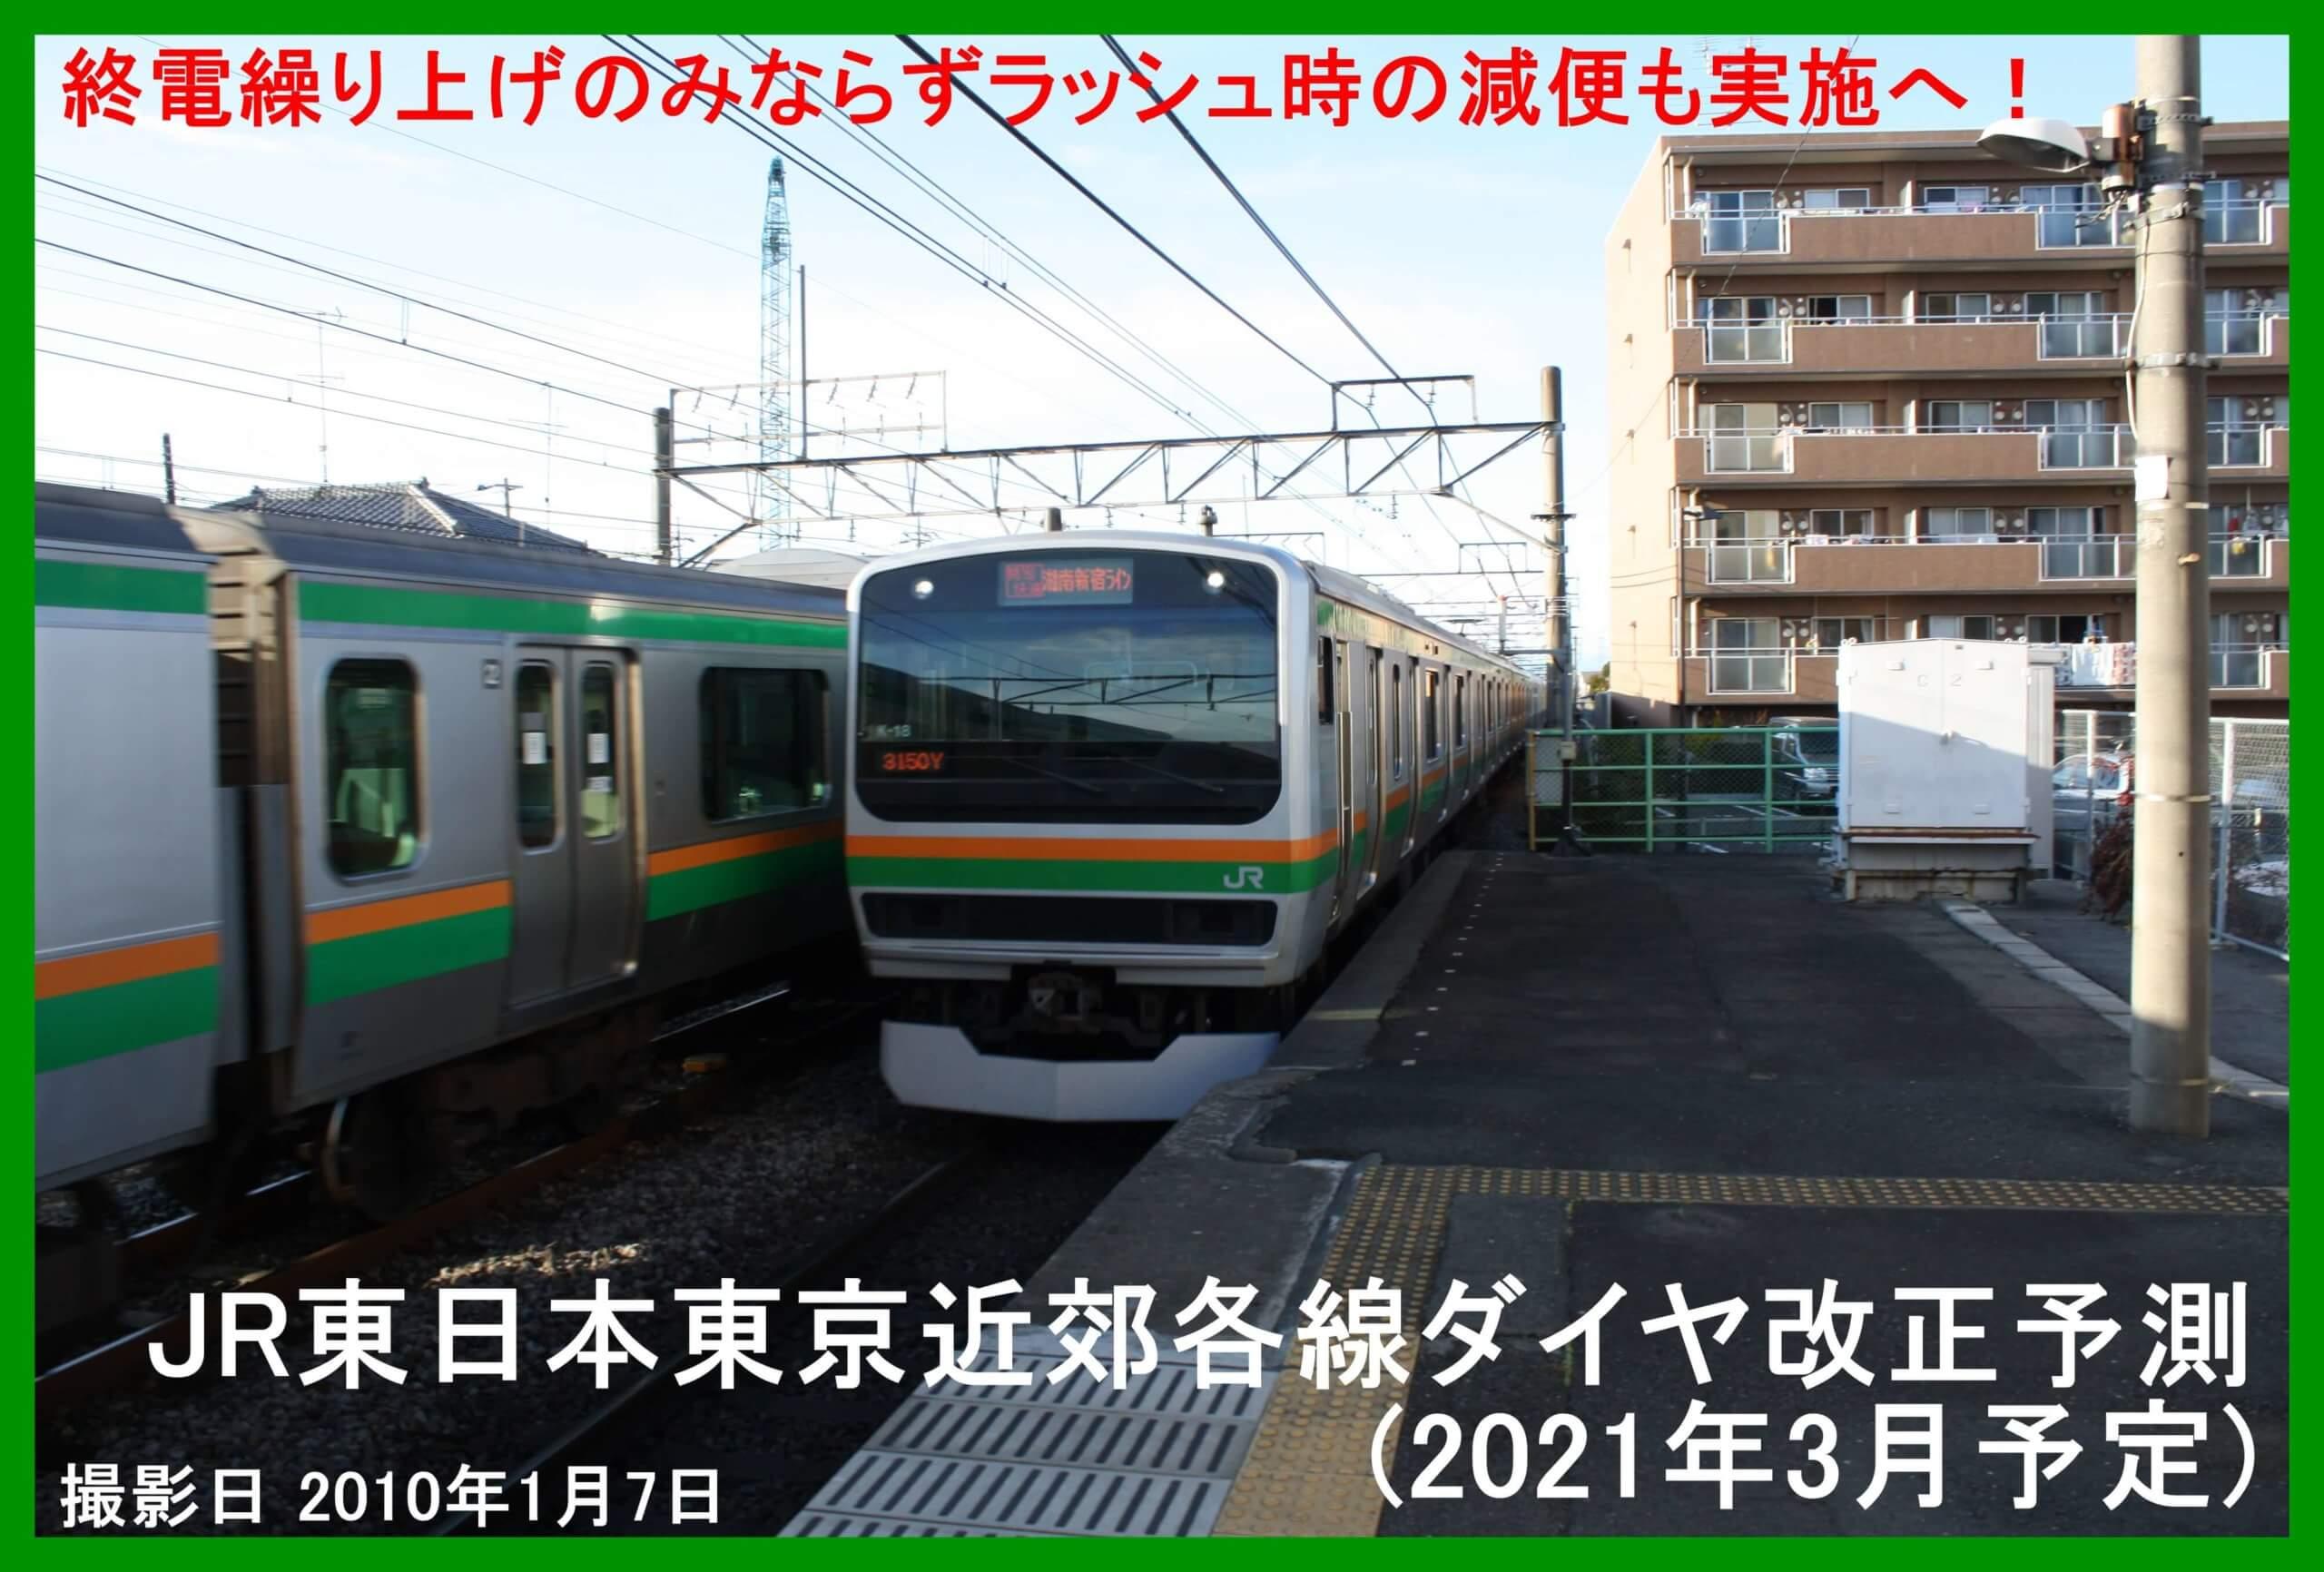 終電繰り上げのみならずラッシュ時の減便も実施へ! JR東日本東京近郊各線ダイヤ改正予測(2021年3月予定)